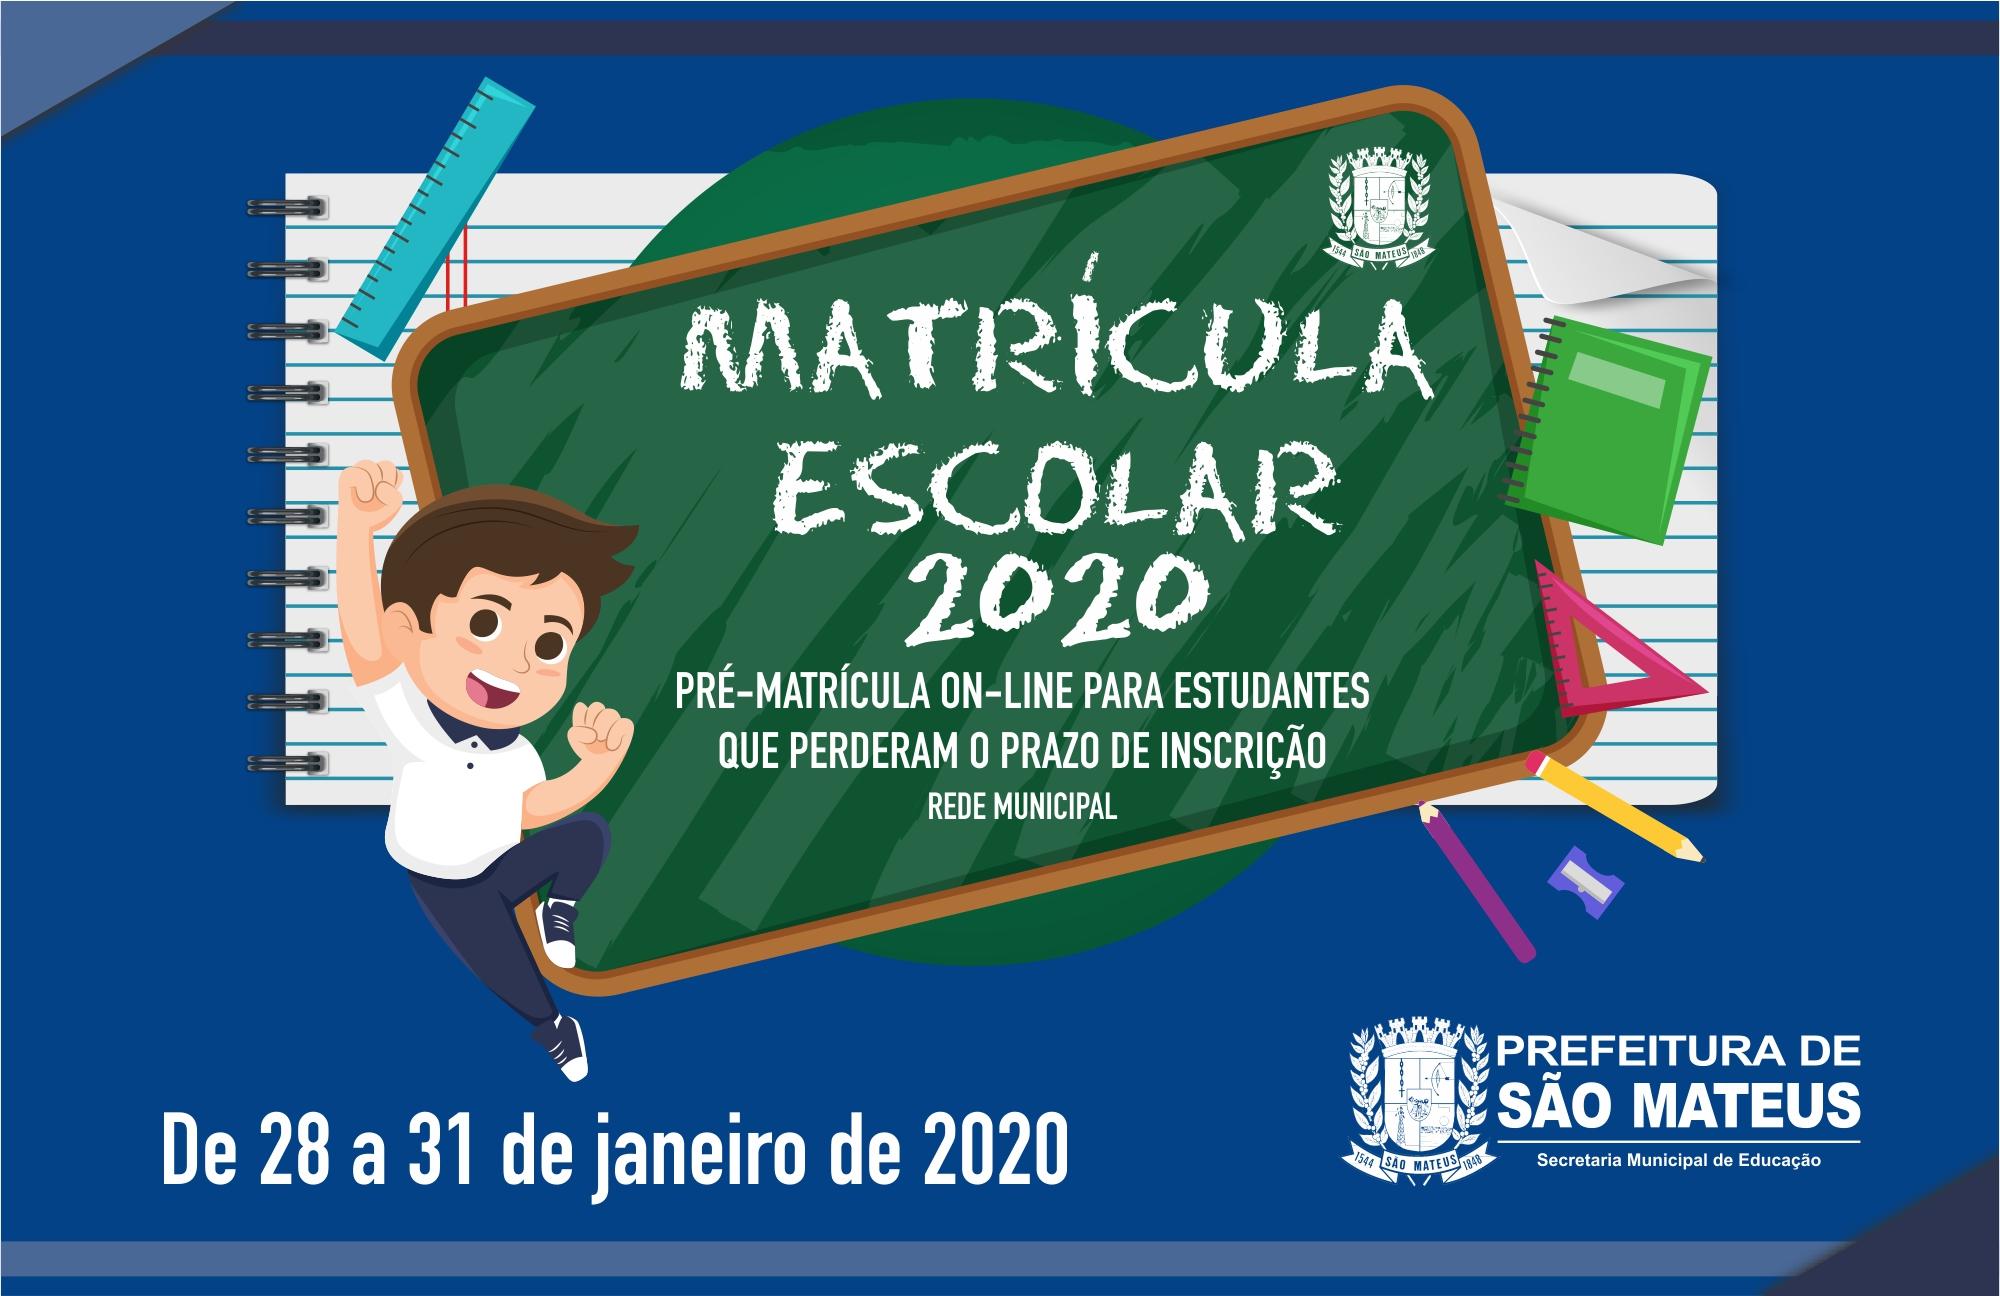 SECRETARIA MUNICIPAL DE EDUCAÇÃO ABRE PRÉ-MATRÍCULA PARA OS ESTUDANTES QUE PERDERAM O PRAZO